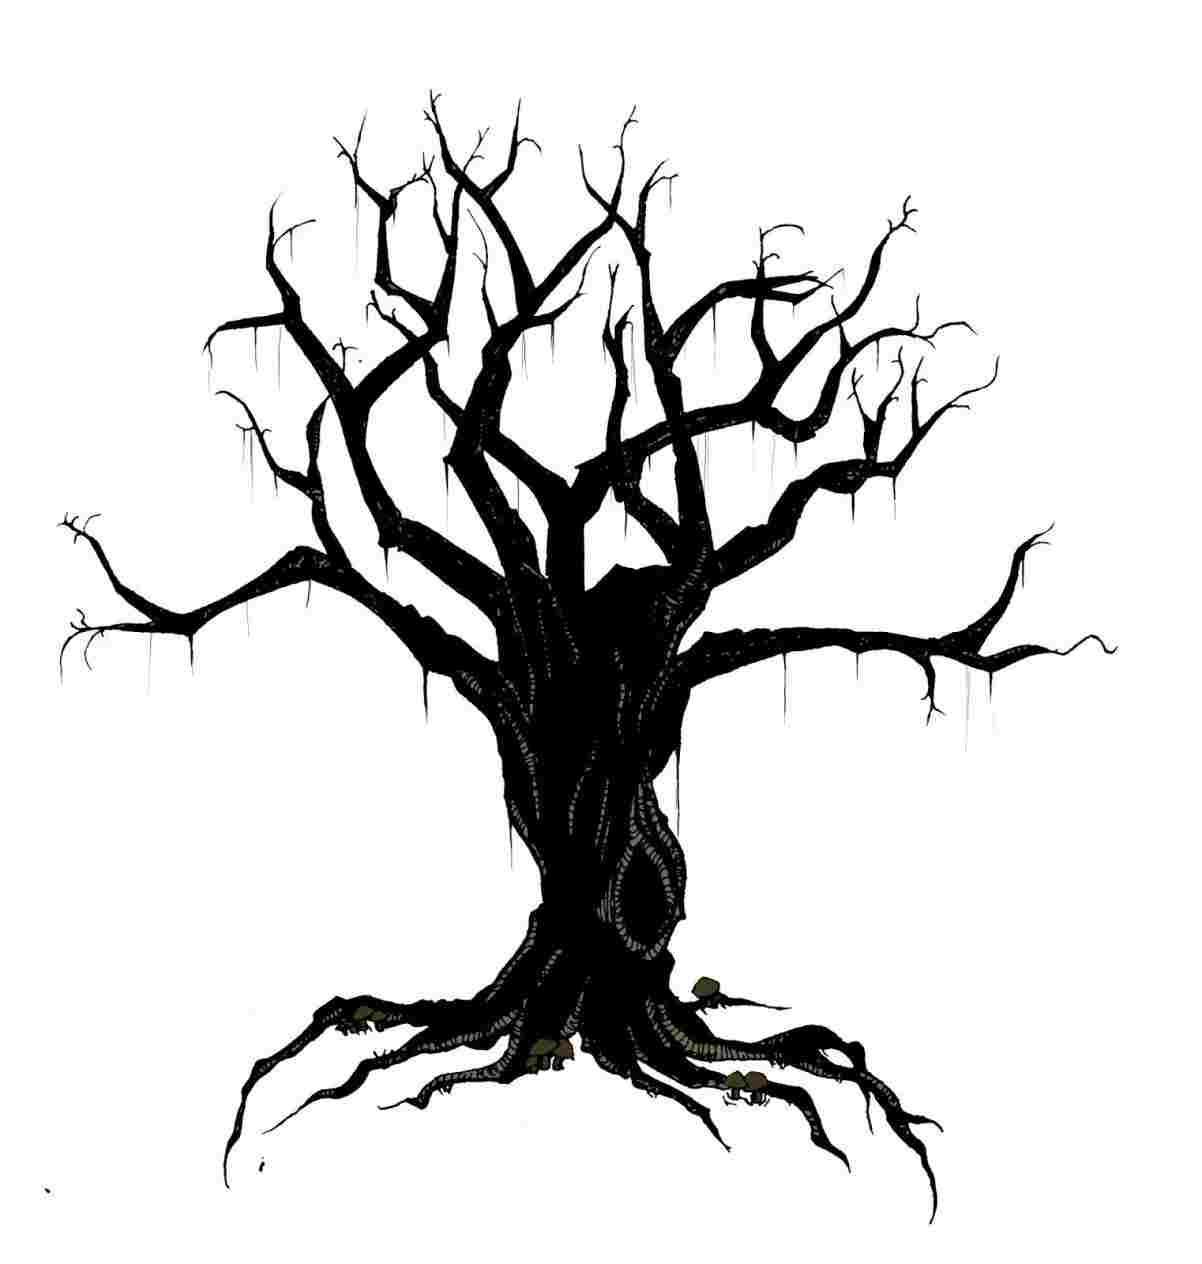 1202x1264 Easy Creepy Spooky Drawings